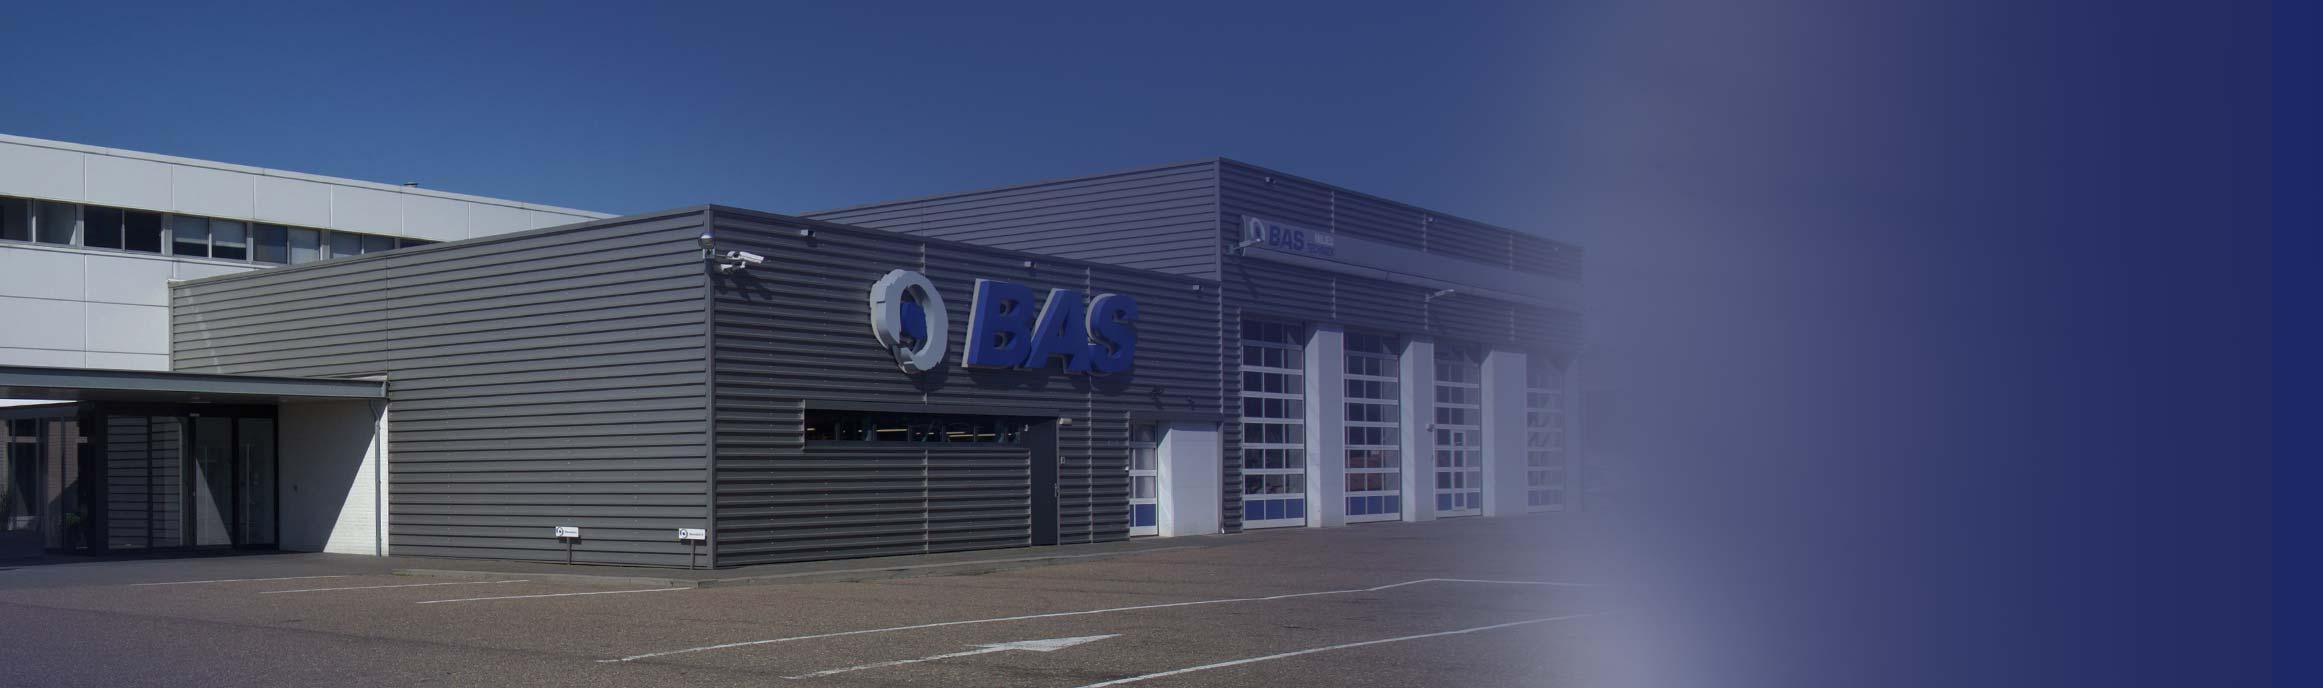 BAS Truck Center vestiging Veldhoven